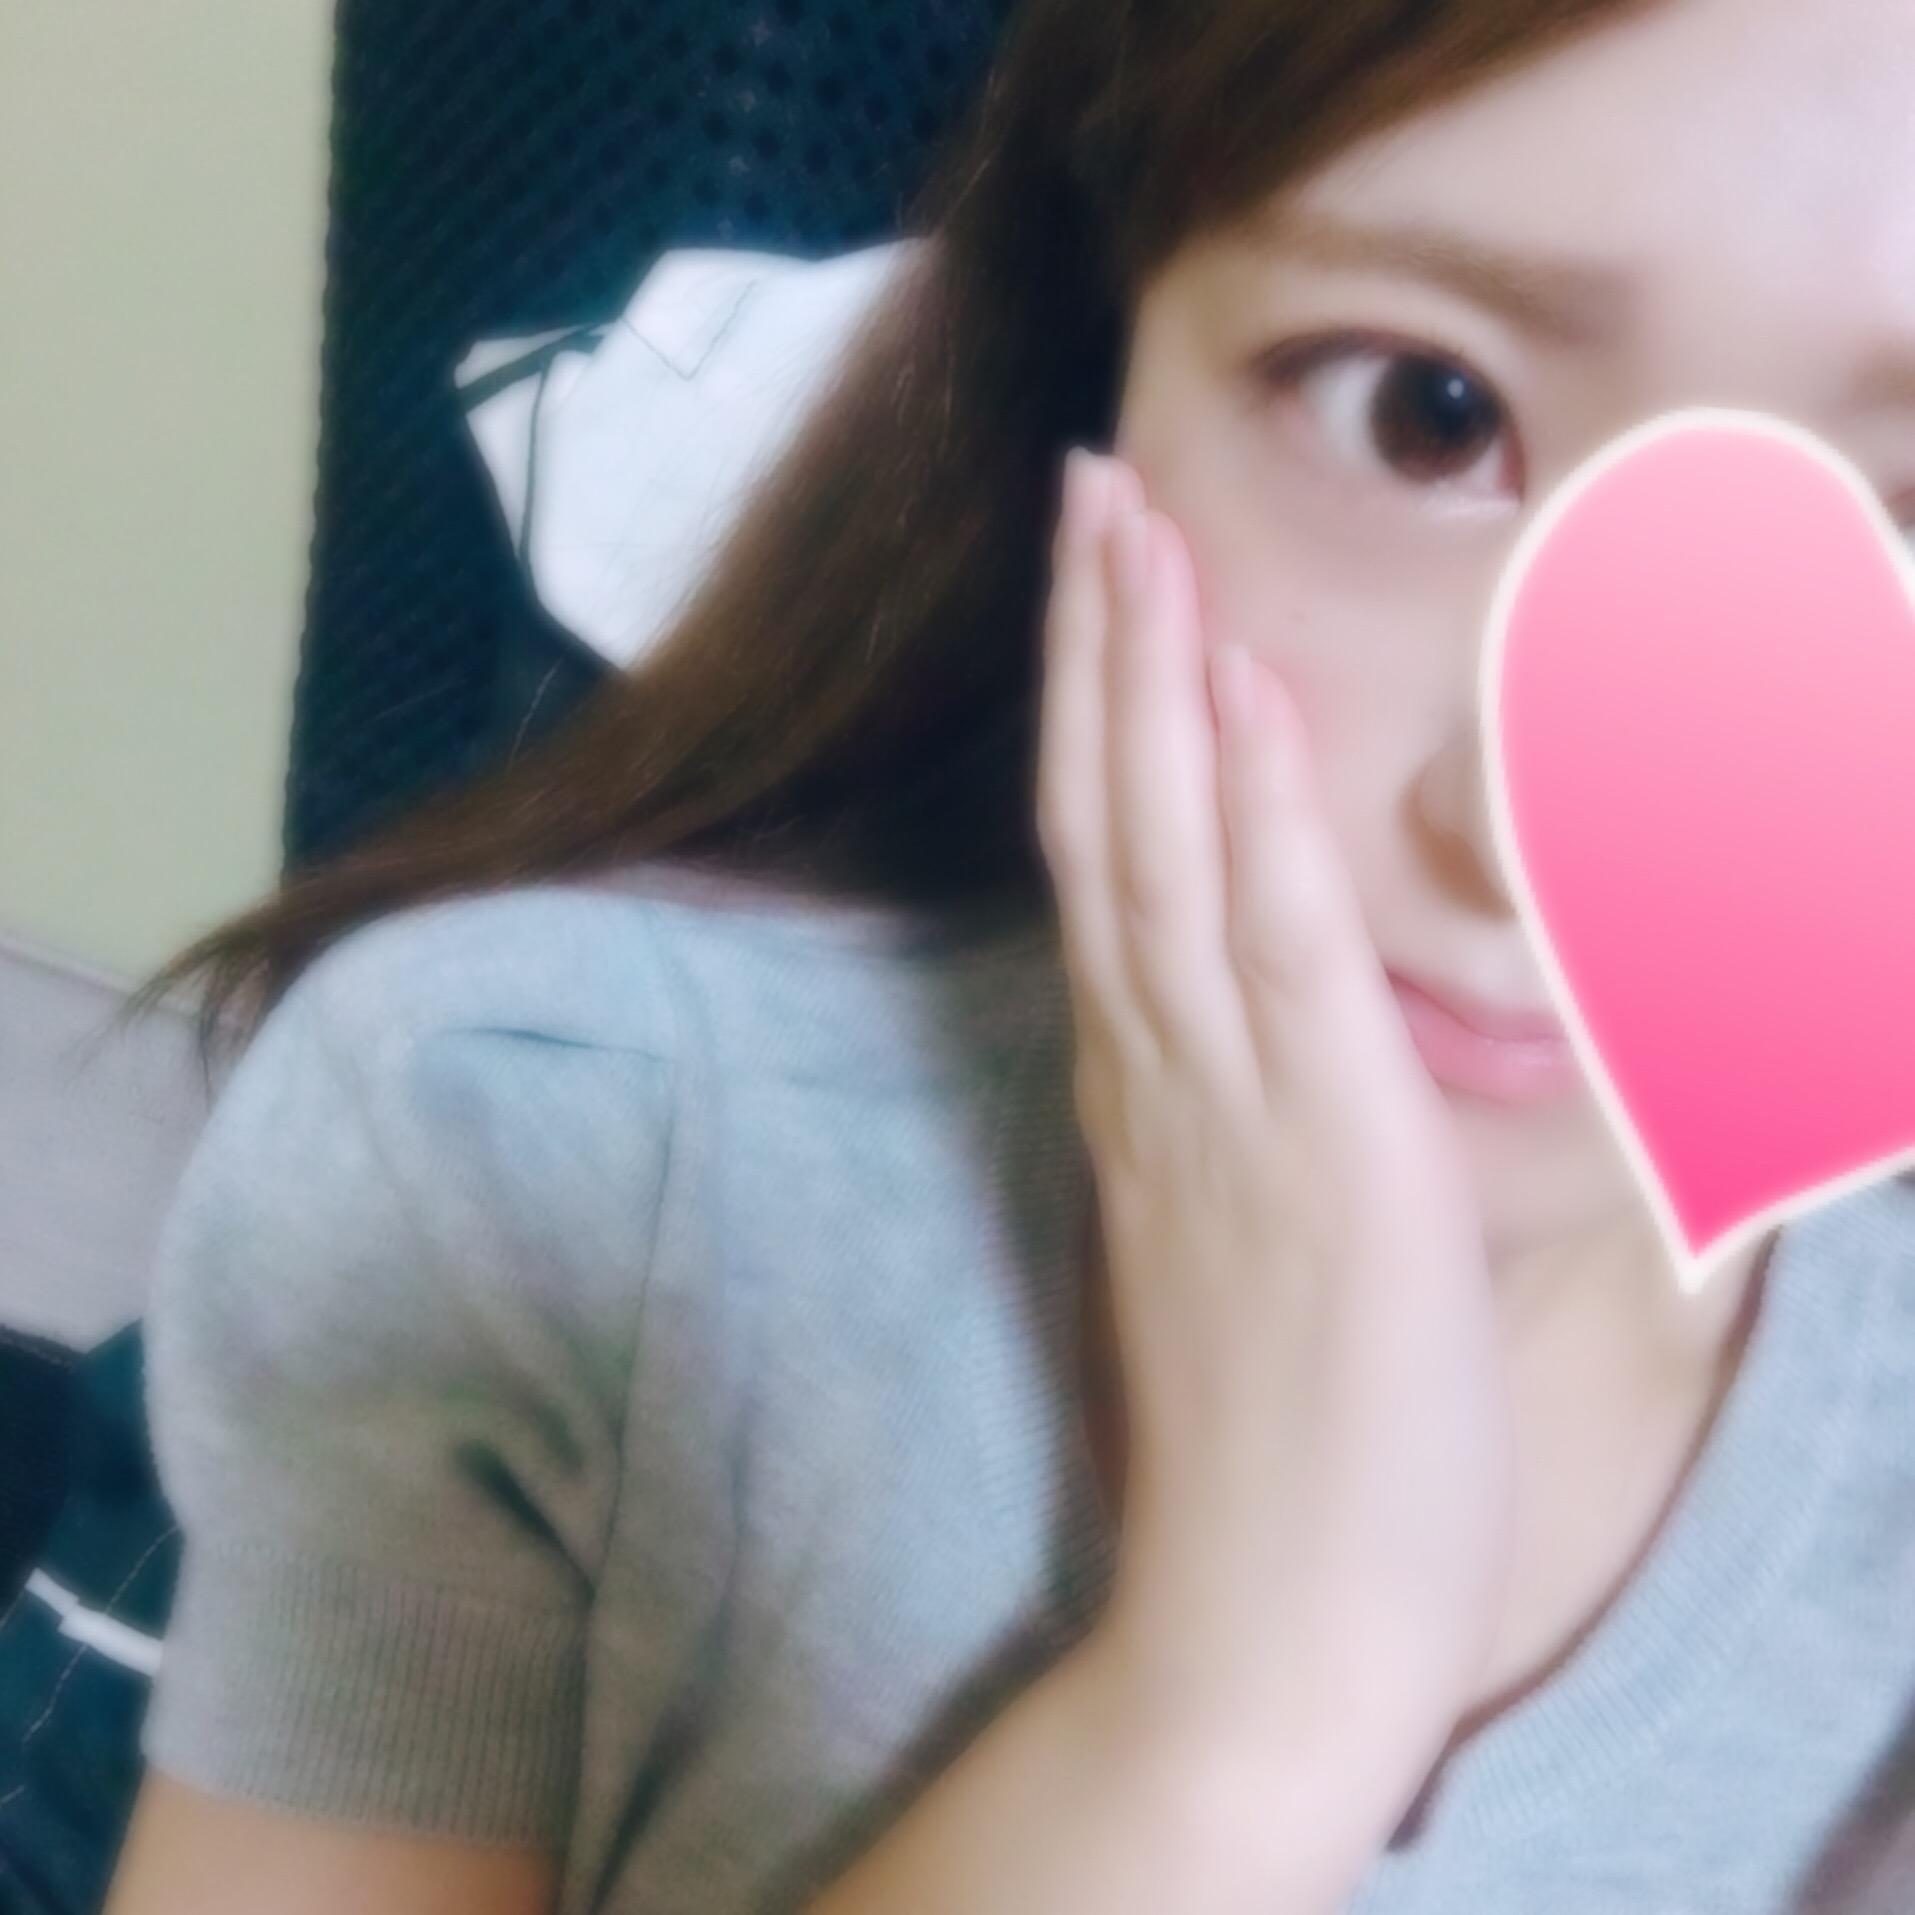 えみる「おはよう(*´-`)」08/16(木) 13:49 | えみるの写メ・風俗動画